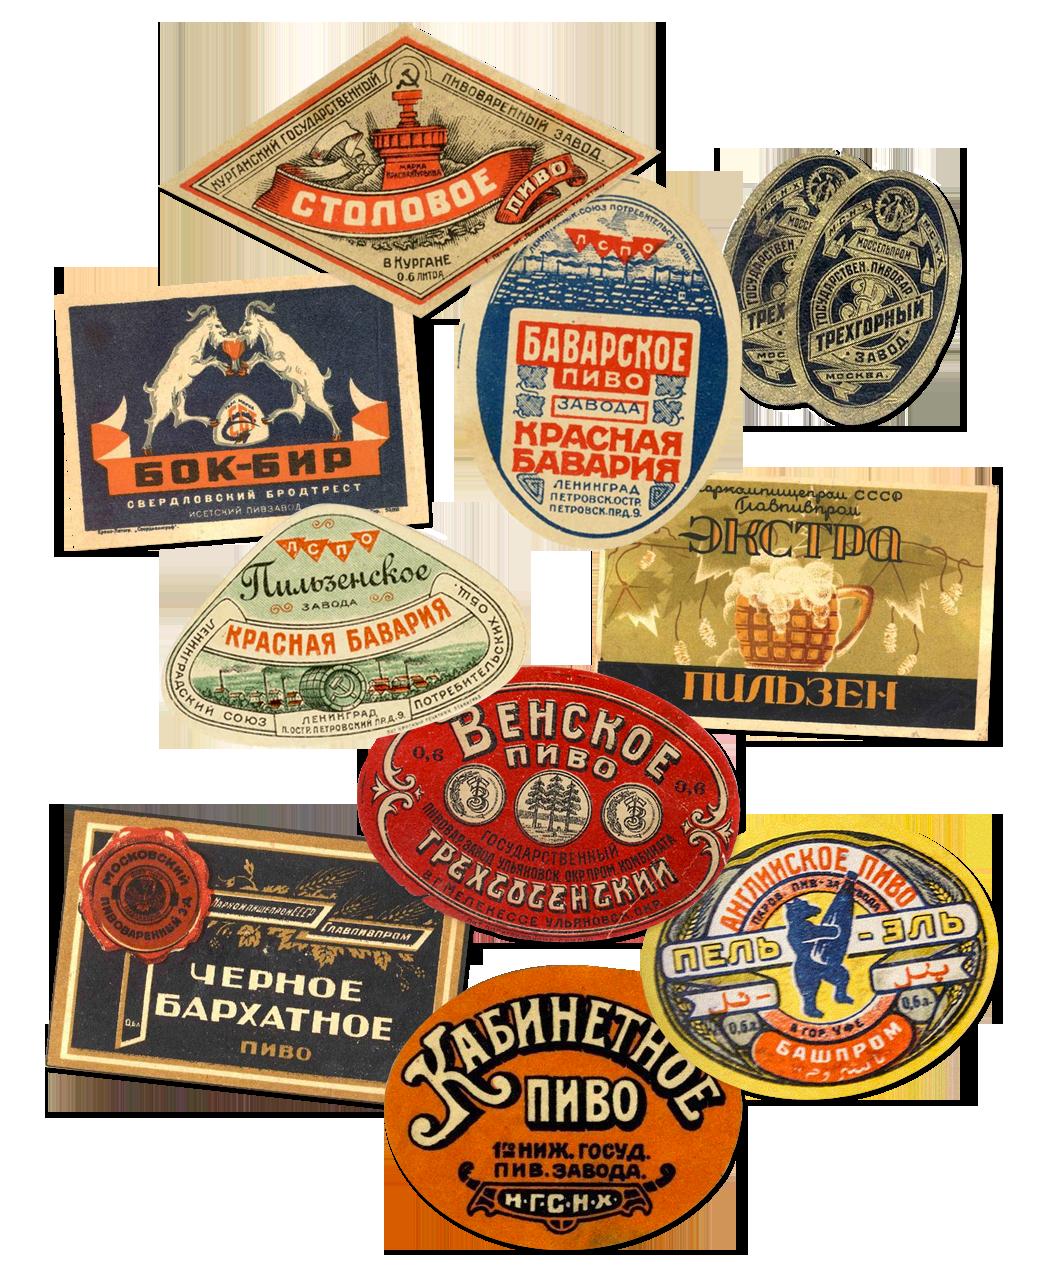 Ультимативный гид по истории советского пива. Изображение №1.